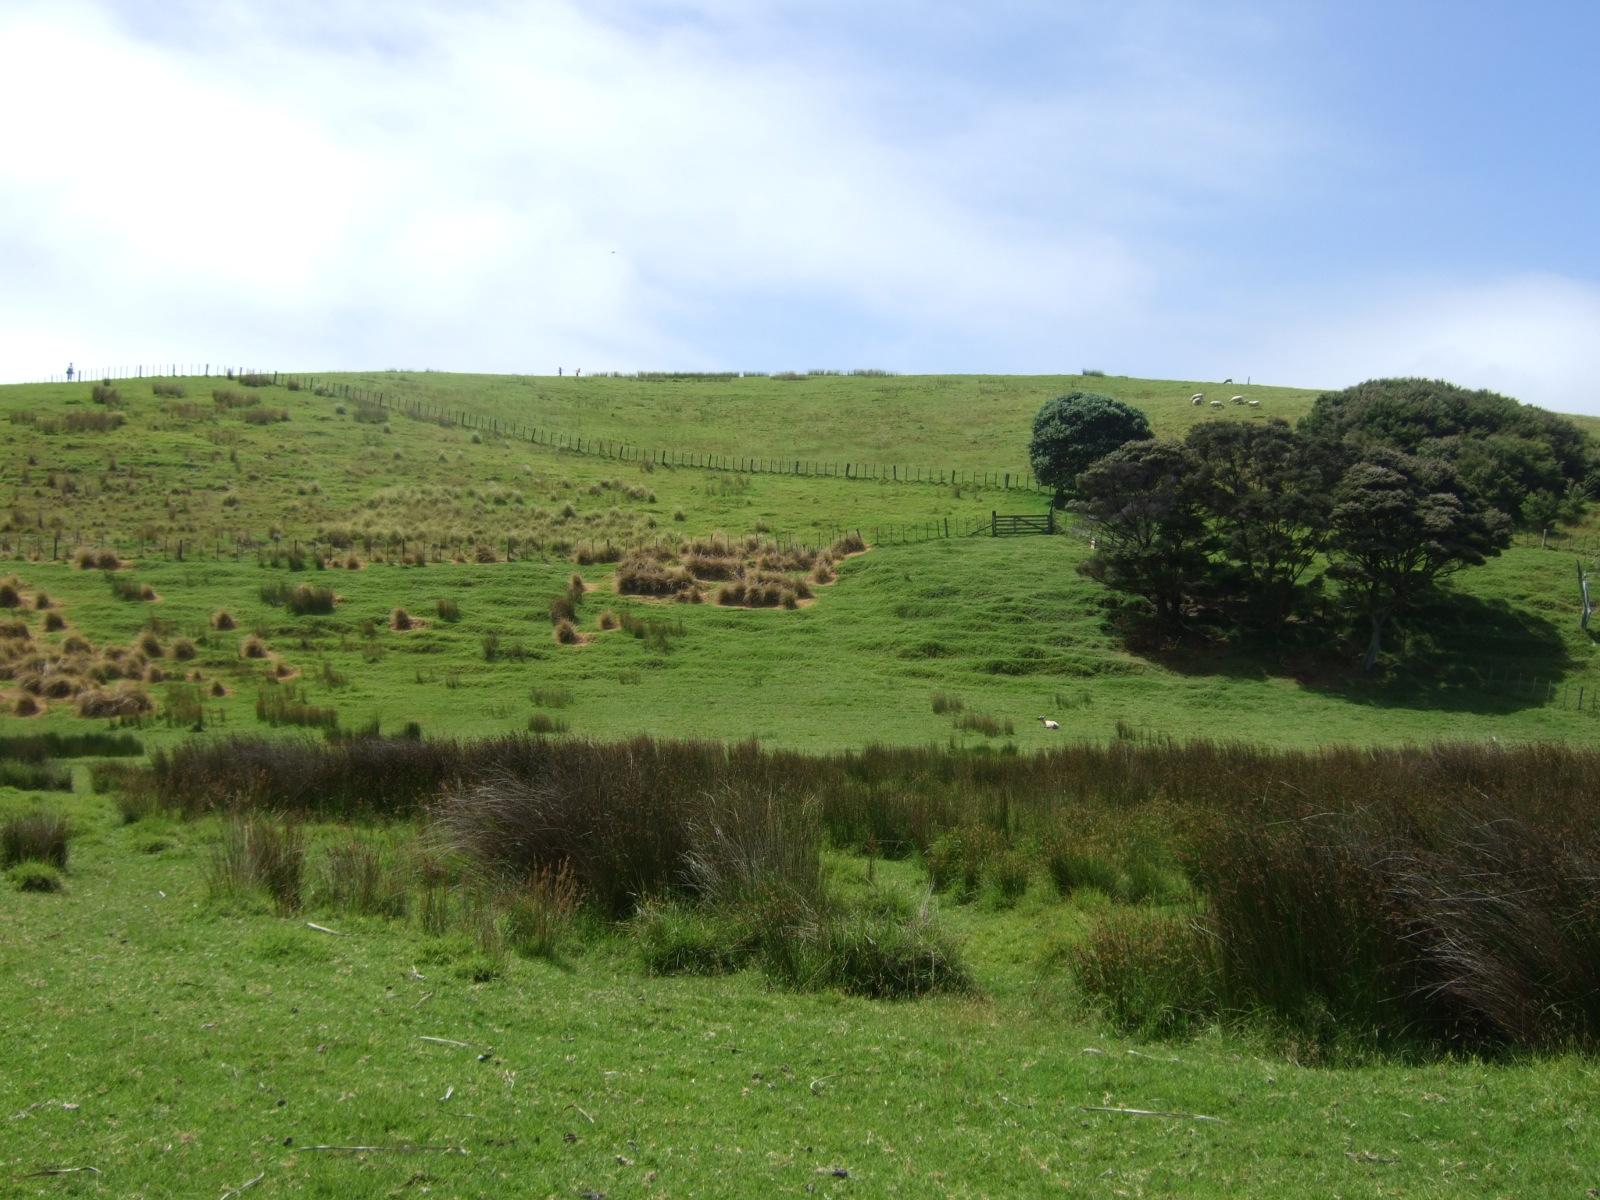 ウルプカプカ島,草原,樹木,放牧,NZ〈著作権フリー無料画像〉Free Stock Photos